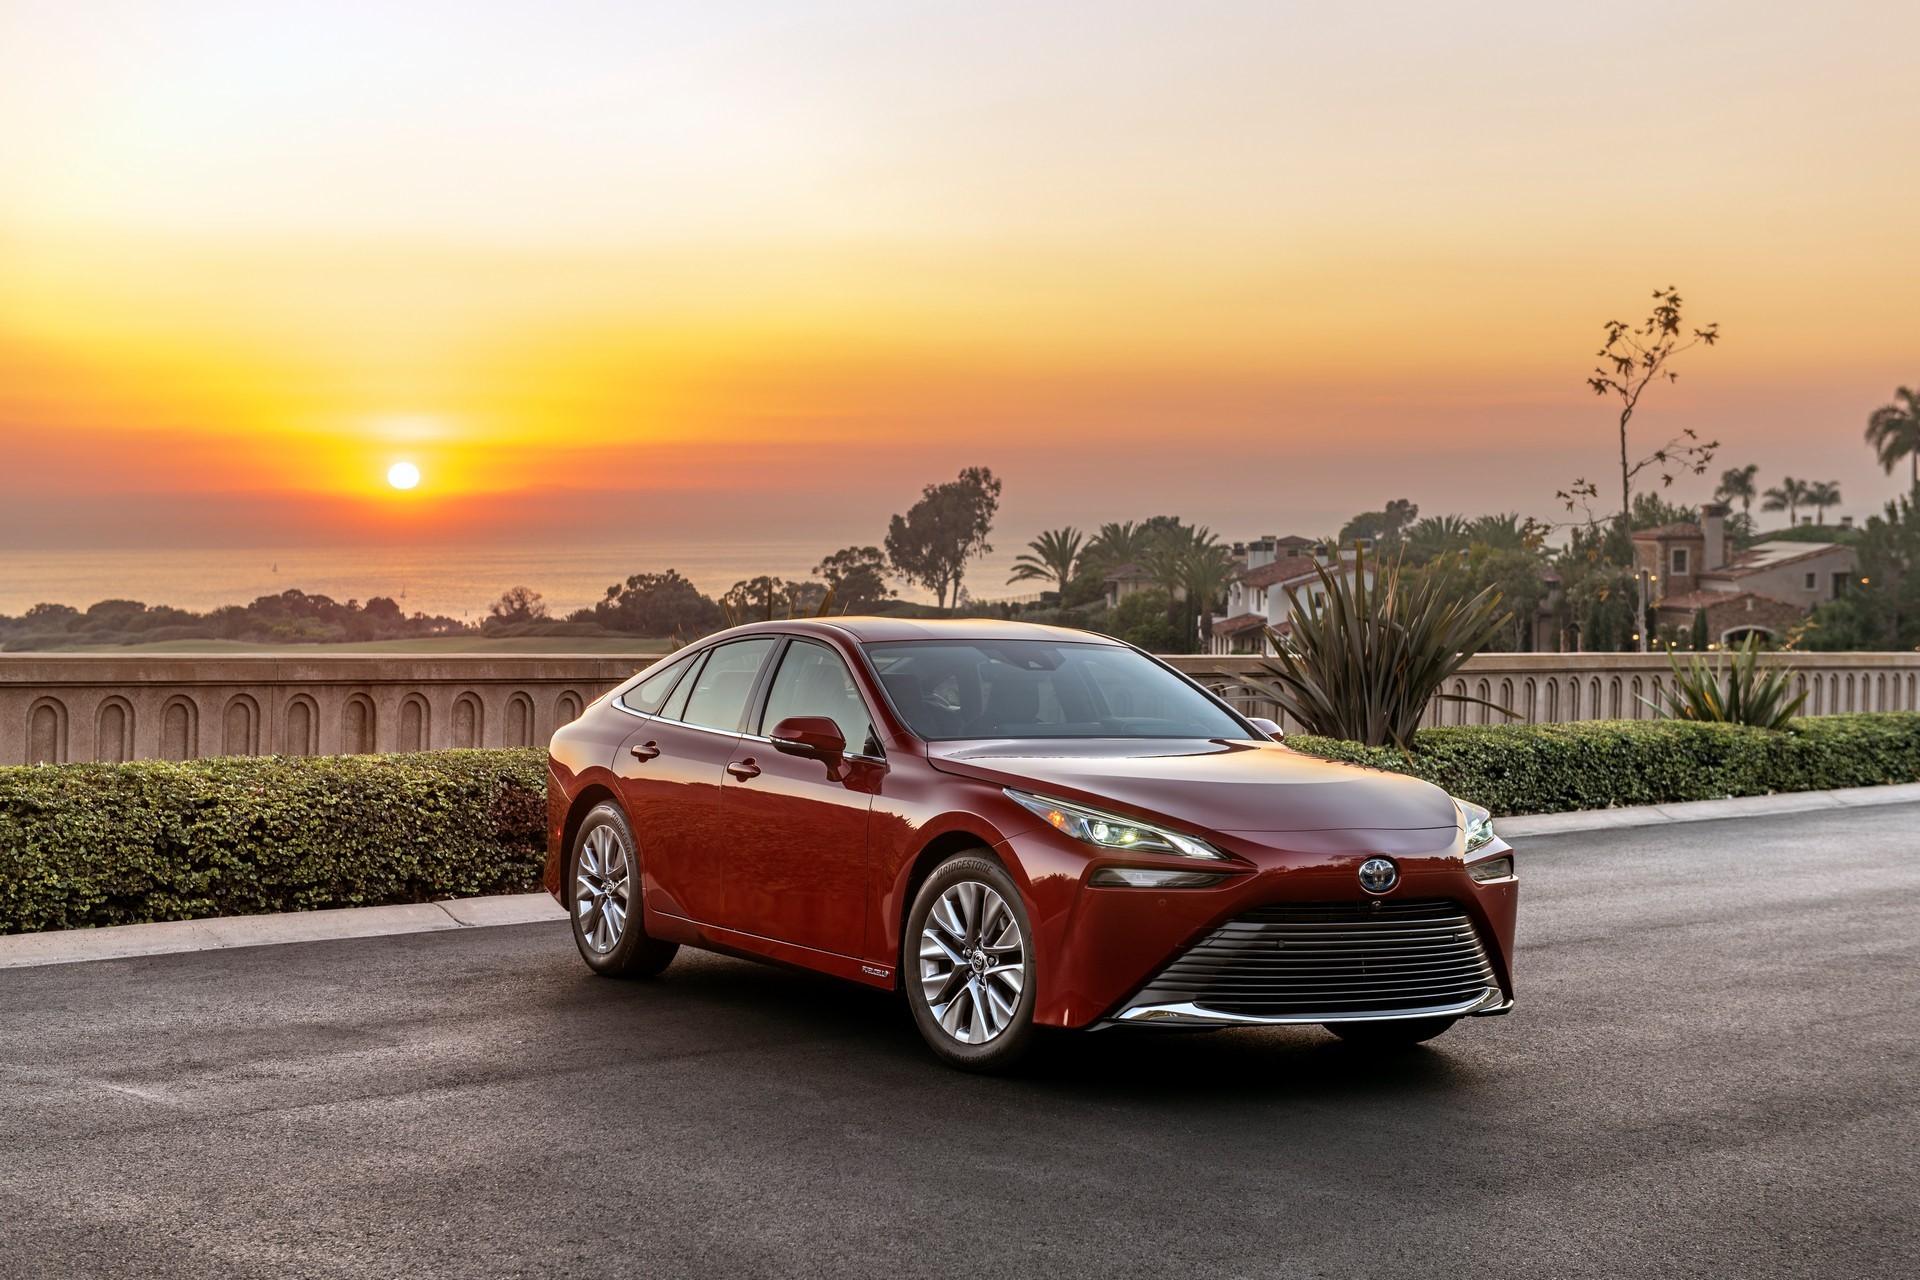 丰田计划在2021年生产创纪录的920万辆汽车